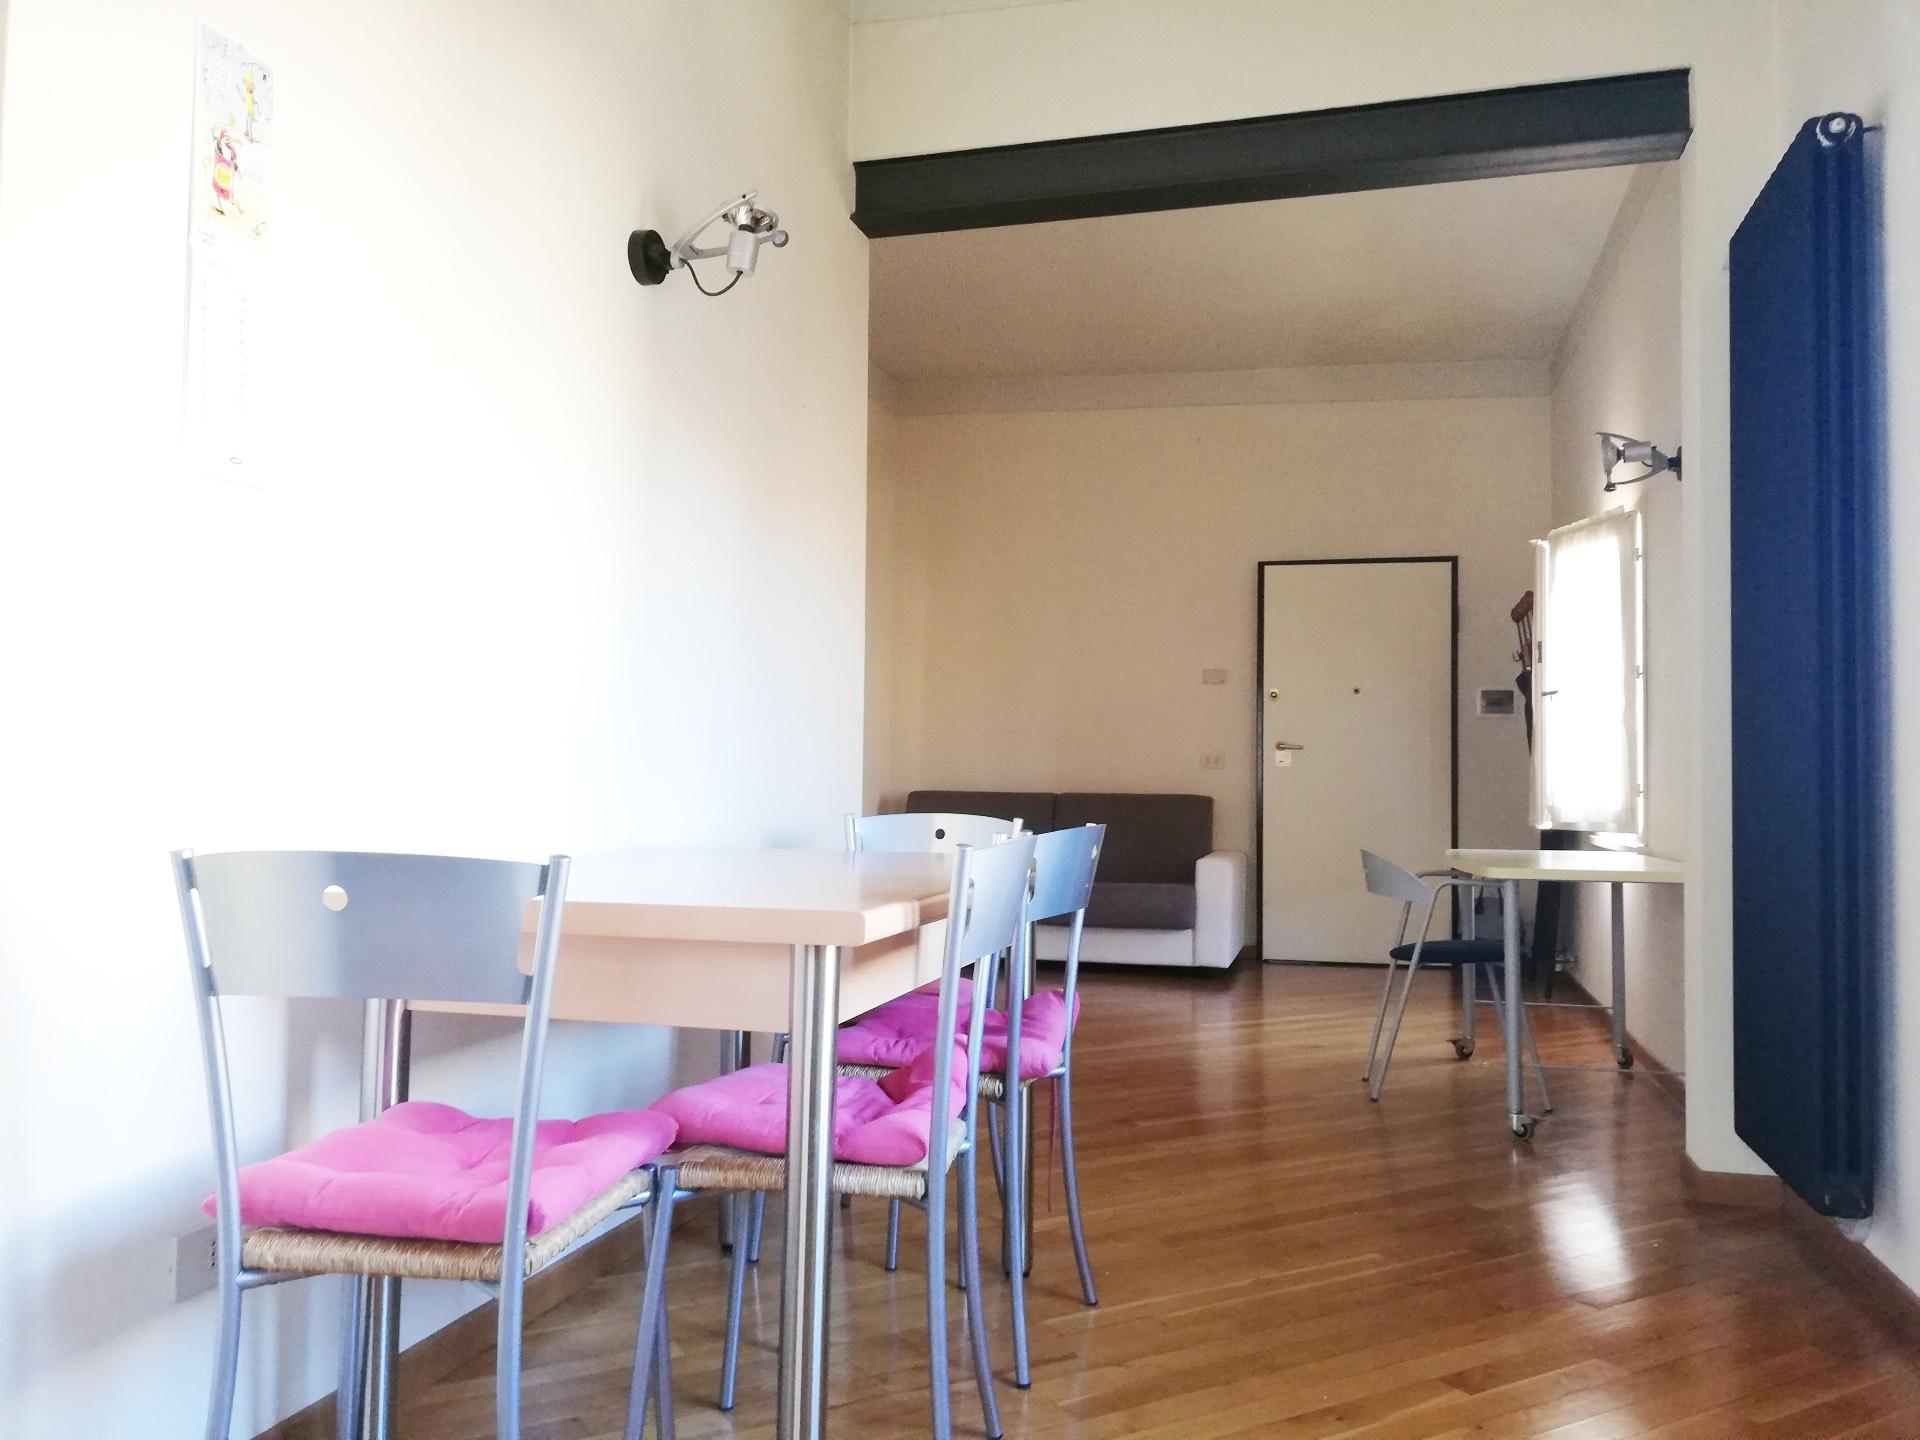 Appartamento in affitto a Pontedera, 3 locali, zona Località: Centro, prezzo € 550   CambioCasa.it